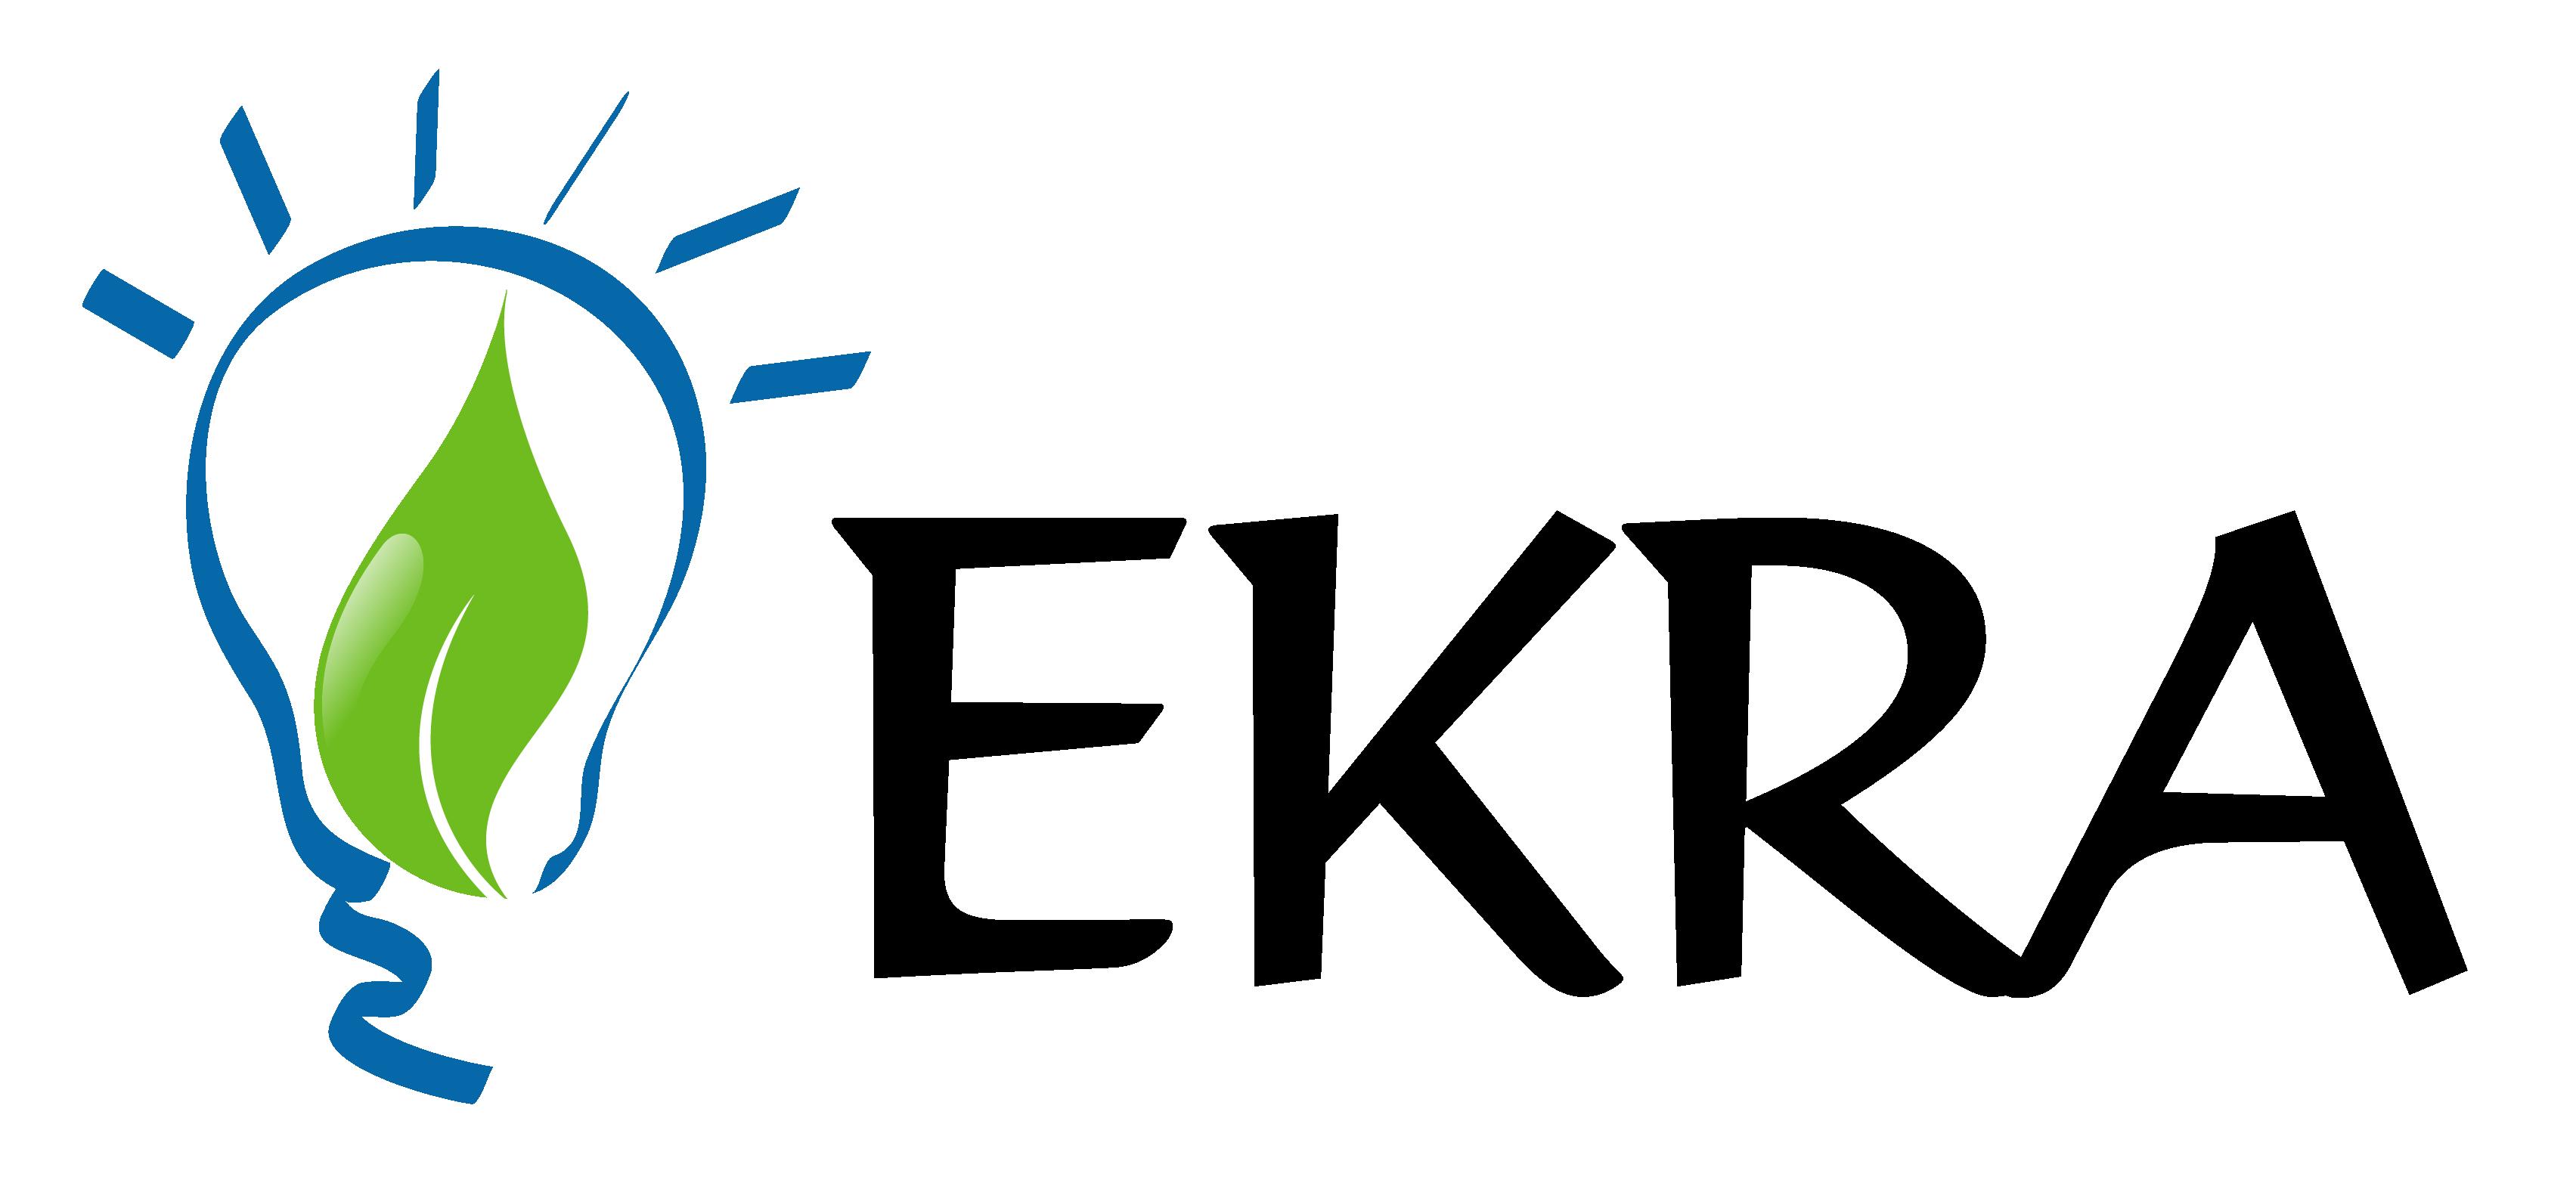 Ekra logo